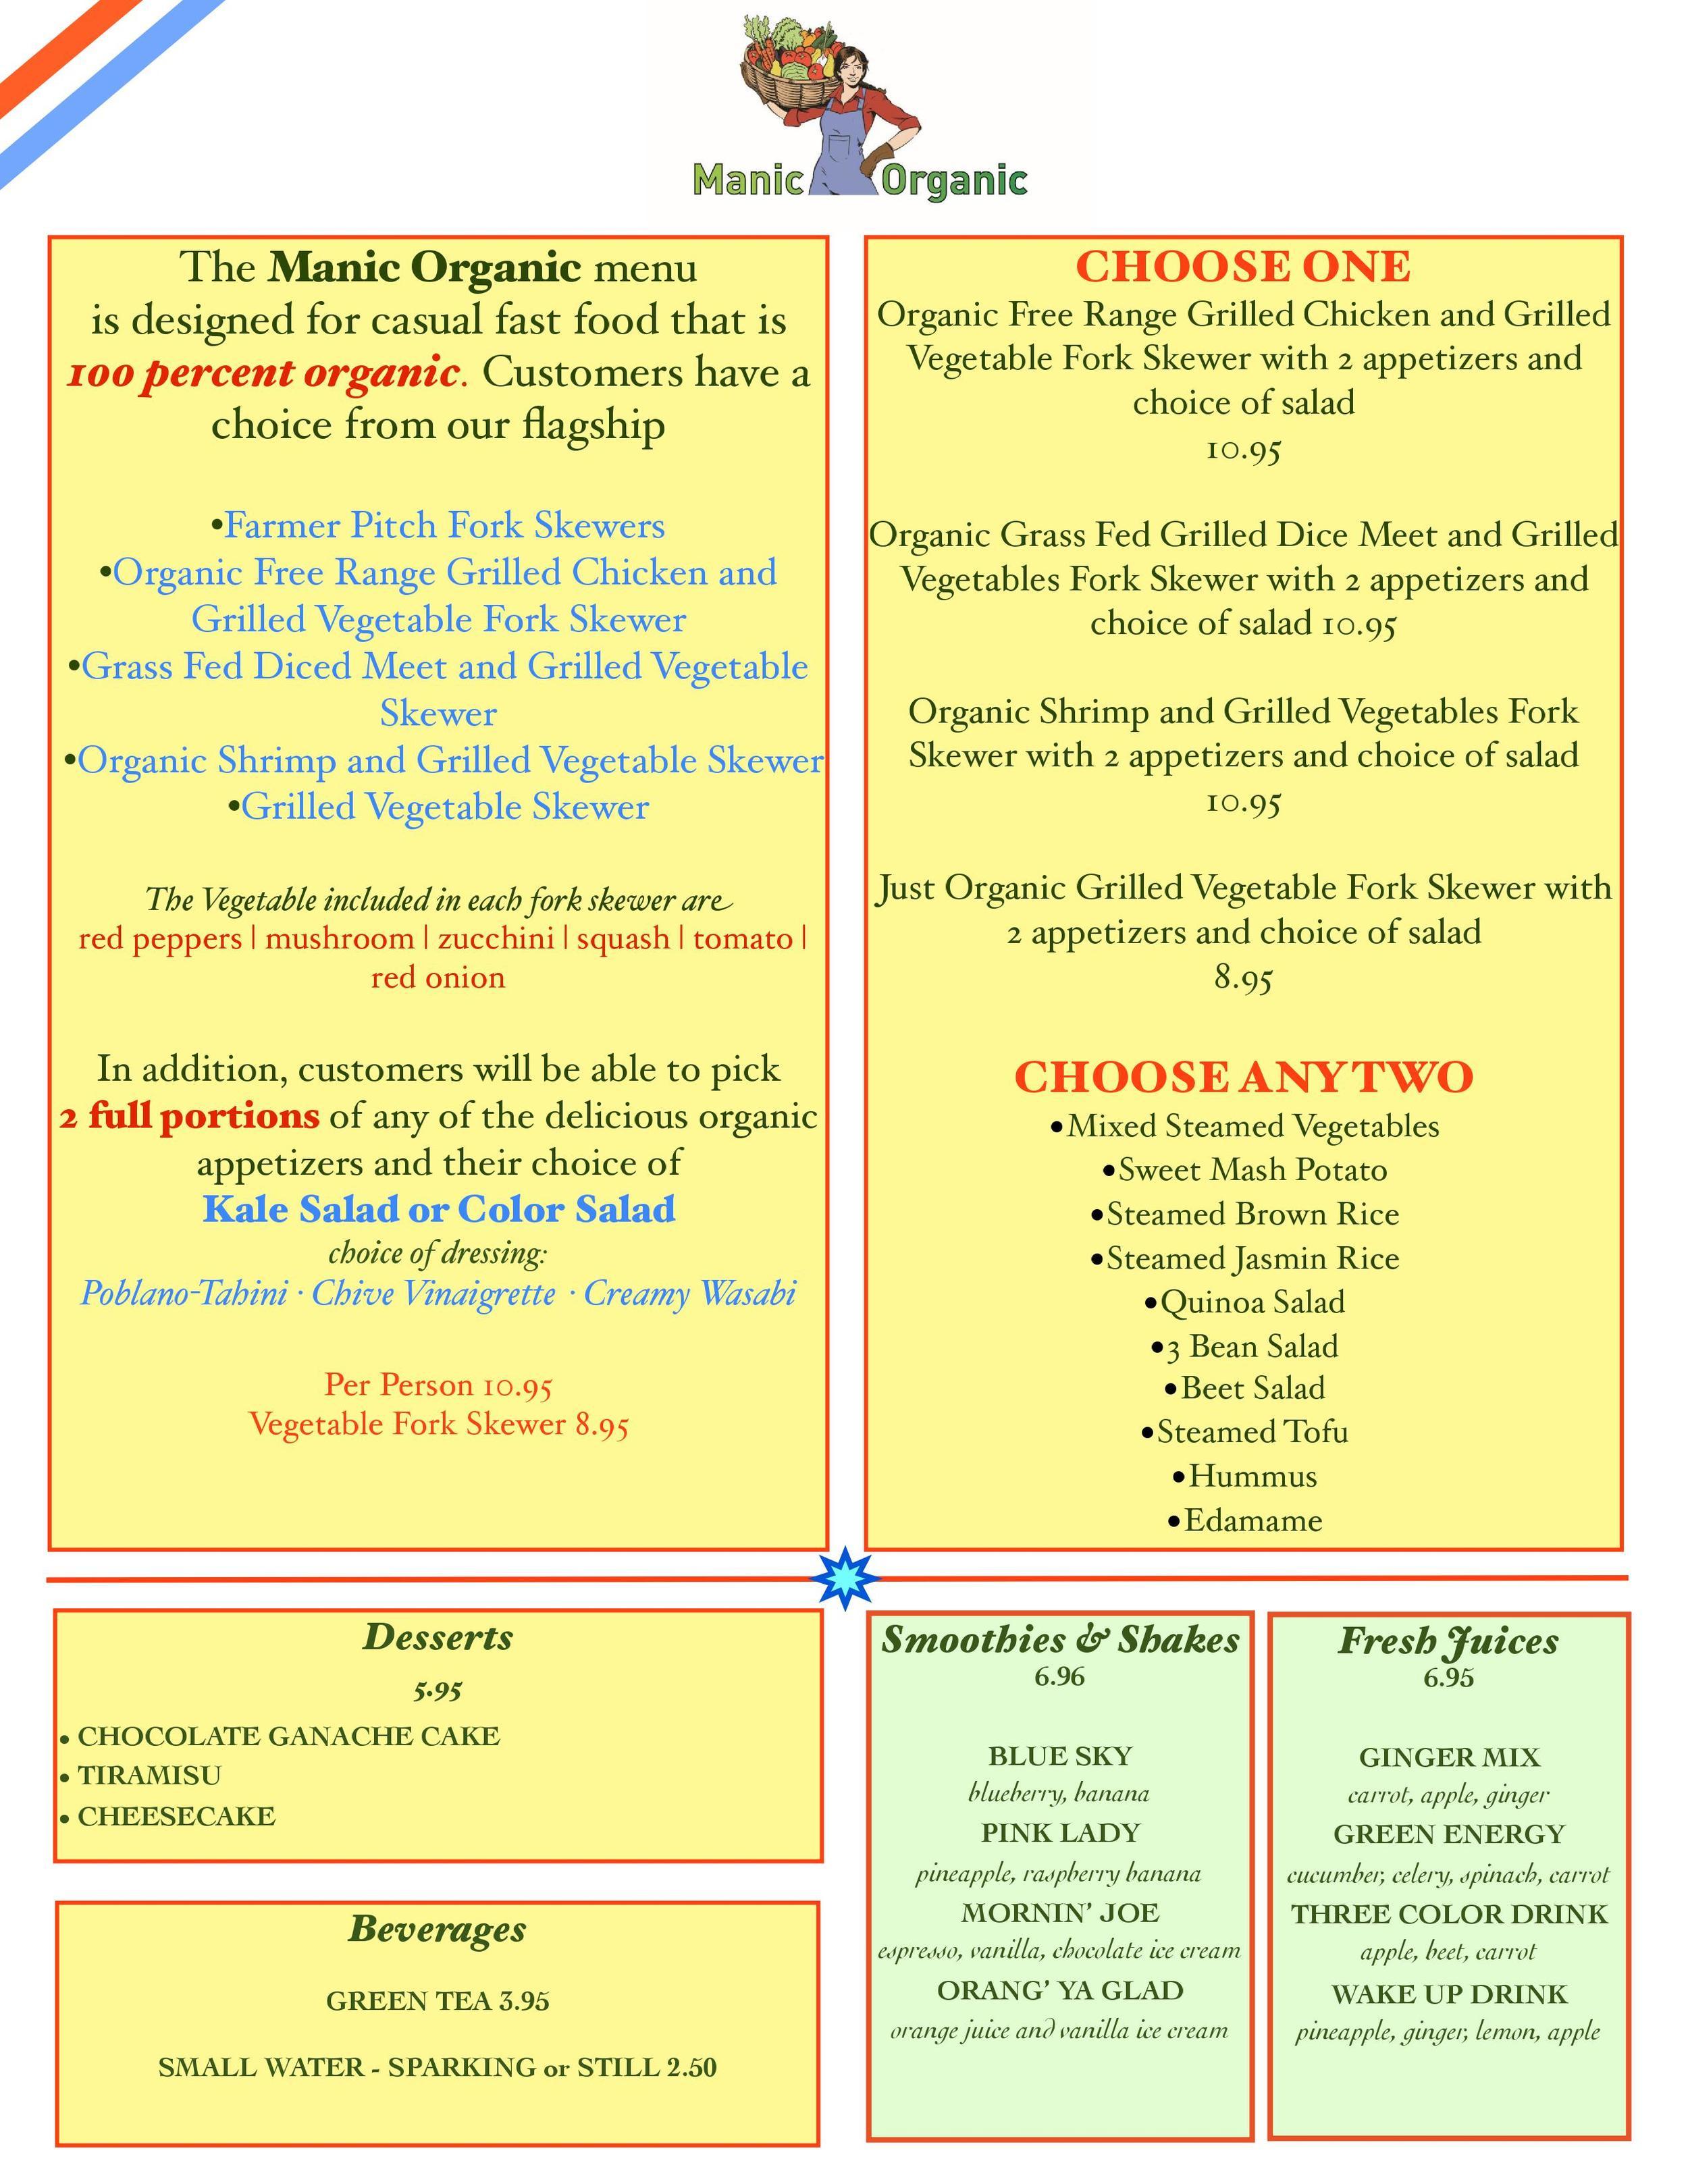 ManicOrganic-menu.jpg